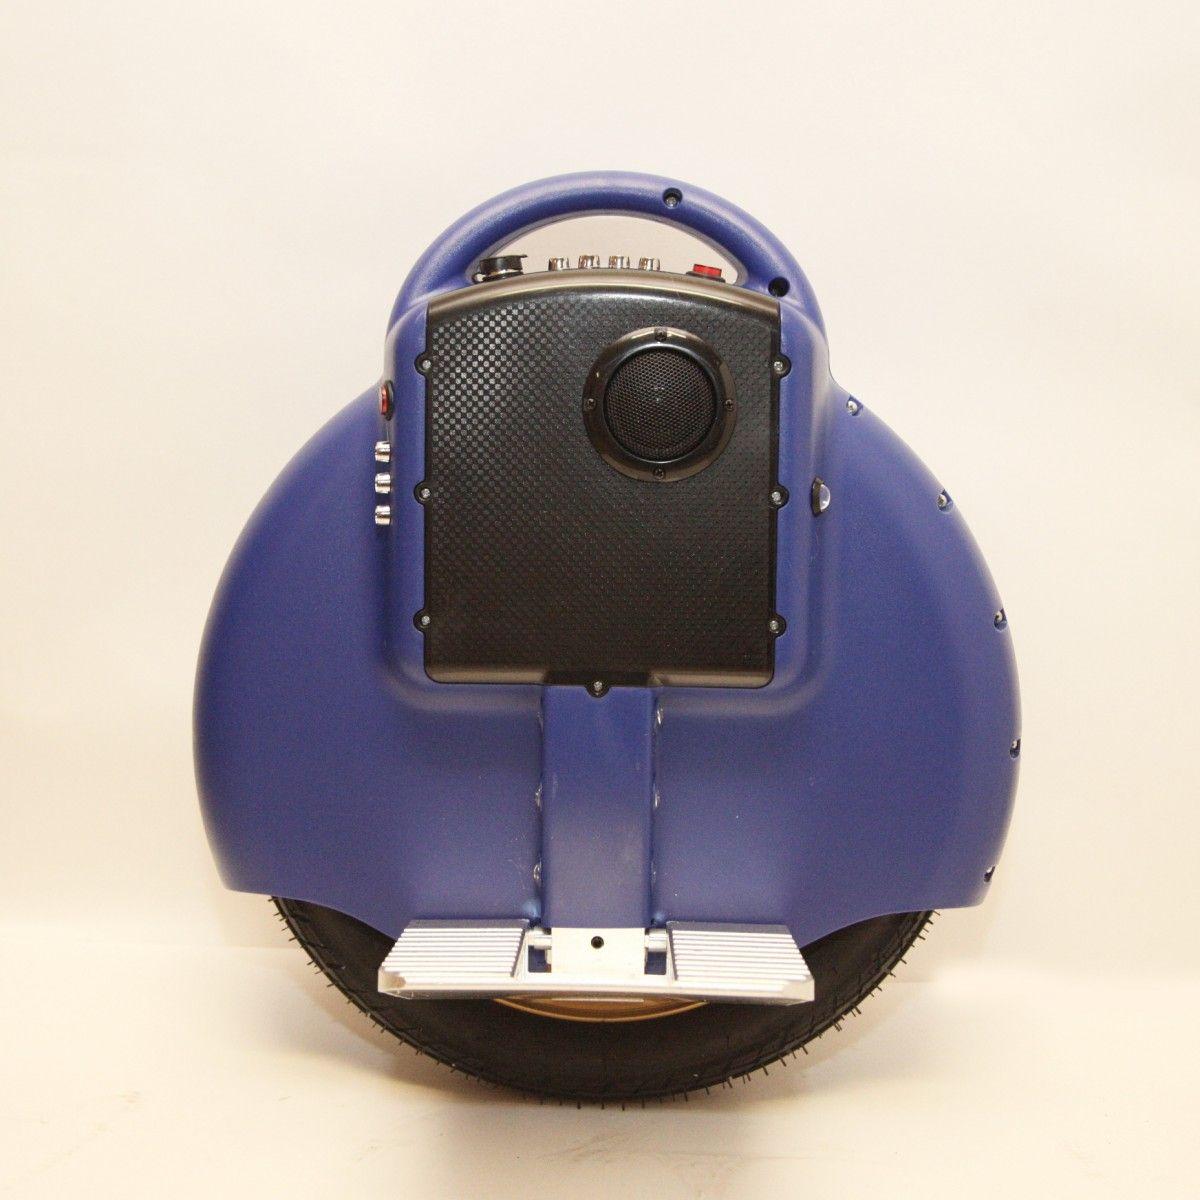 Гироскутер моноколесо HTDDC-D03 Electric Unicycle 14 (Bluetooth) BlueМоноколеса<br>Моноколесо Electric Unicycle S3 14? Синее (Bluetooth, музыка) — быстрая и легкая замена общественного транспорта<br><br> Магазин предлагает новую модель для городского использования — гироскутер S3 14? Синее (Bluetooth, музыка), который никого не оставит равнодушным. Обладая запасом хода в 12 километров, он может промчать вас на скорости до 16 км/ч.<br><br><br> Этот шустрый агрегат не требует специально отведенной площадки. Он создан покорять городские просторы и легко домчит вас по назначению, будь то офис или спортплощадка, супермаркет или пикник в парке. Он не ограничит вас катаниями по парку в выходной день, но подарит свободу передвижения. Для S3 14? Синее (Bluetooth, музыка) сложно отыскать сколь-либо существенные преграды, ведь он способен штурмовать гору с уклоном до 25 градусов.<br><br><br> Благодаря своей компактности он не стесняет ваши передвижения и отлично сочетается с городским транспортом, позволяя доехать до остановки, загрузится, выйти и помчаться дальше по назначению. Его не сложно перемещать или просто везти за собой, что освобождает вас от хлопот с парковкой.<br><br><br> Всего пару часов на обучение в парке и погнали по настоящим улицам. Вам не просто гарантировано внимание окружающих, но ощущения будут уникальными. К бесшумному гироциклу очень скоро привыкаешь, а он дарит вам нереальное ощущение полёта и удовольствие от открытого пространства и свободы.<br><br><br> Кататься на этой модели вдвойне приятней, ведь она оснащена звуковыми динамиками и поддержкой Bluetooth. Вы сможете прокачать это моноколесо любимой музыкой с вашего iPad, iPhone, Android и других bluetooth-ресиверов. Возьмите музыку в дорогу!<br><br><br> Дети, безусловно, будут рады такому подарку. Они всегда восторженно встречают удивительное средство передвижения, а небольшой вес и рост исключают возможность серьезного травматизма.<br><br> <br>Эксплуатационные качества моноколеса Electric Unicycle S